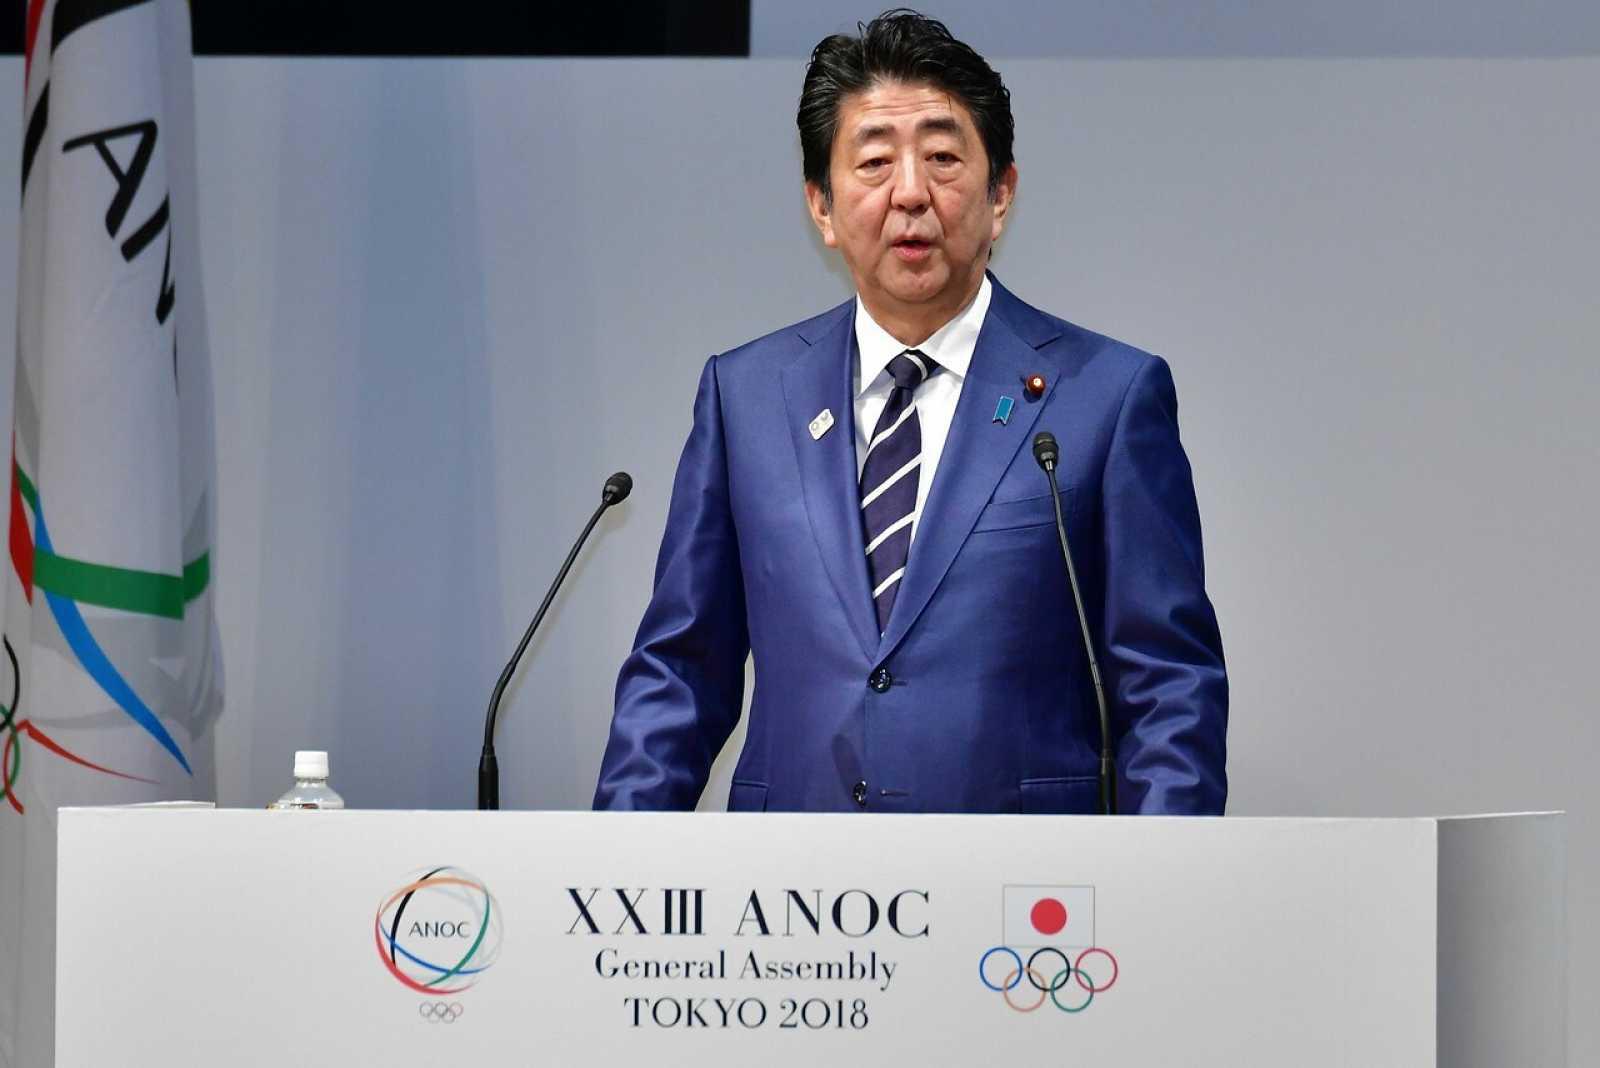 Foto de archivo del primer ministro de Japón Shinzo Abe